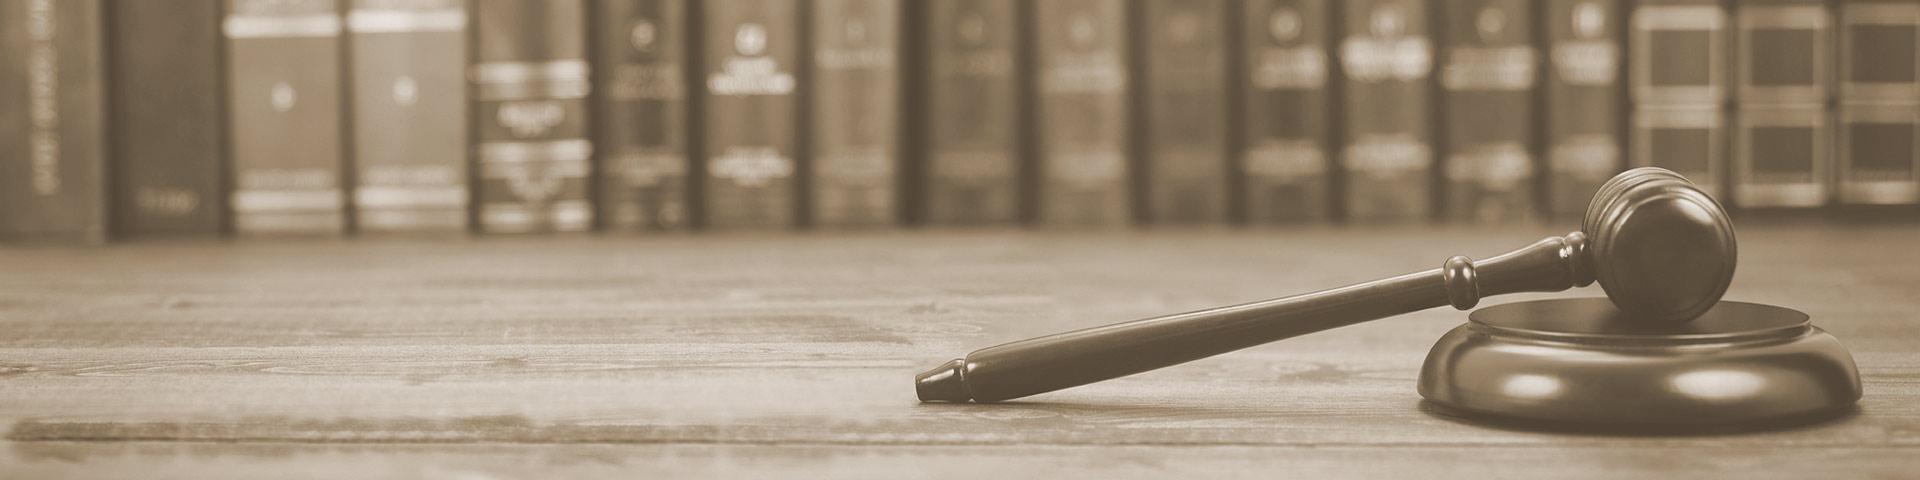 Rechtsanwalt Nils Becker berät in allen Fragen zum Handelsrecht